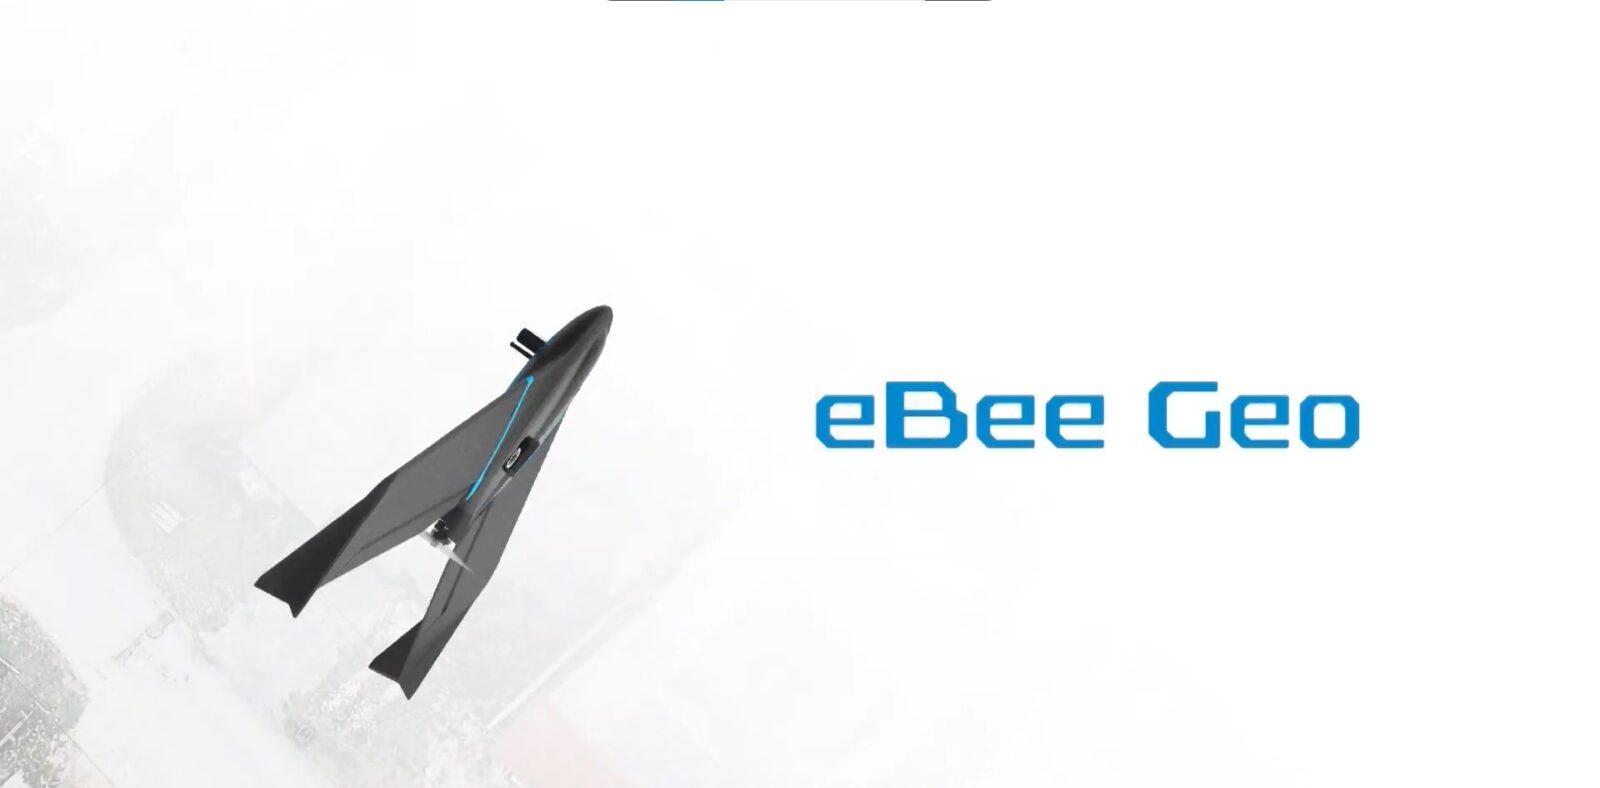 Новый дрон eBee Geo от senseFly оценен в 10 тысяч долларов.